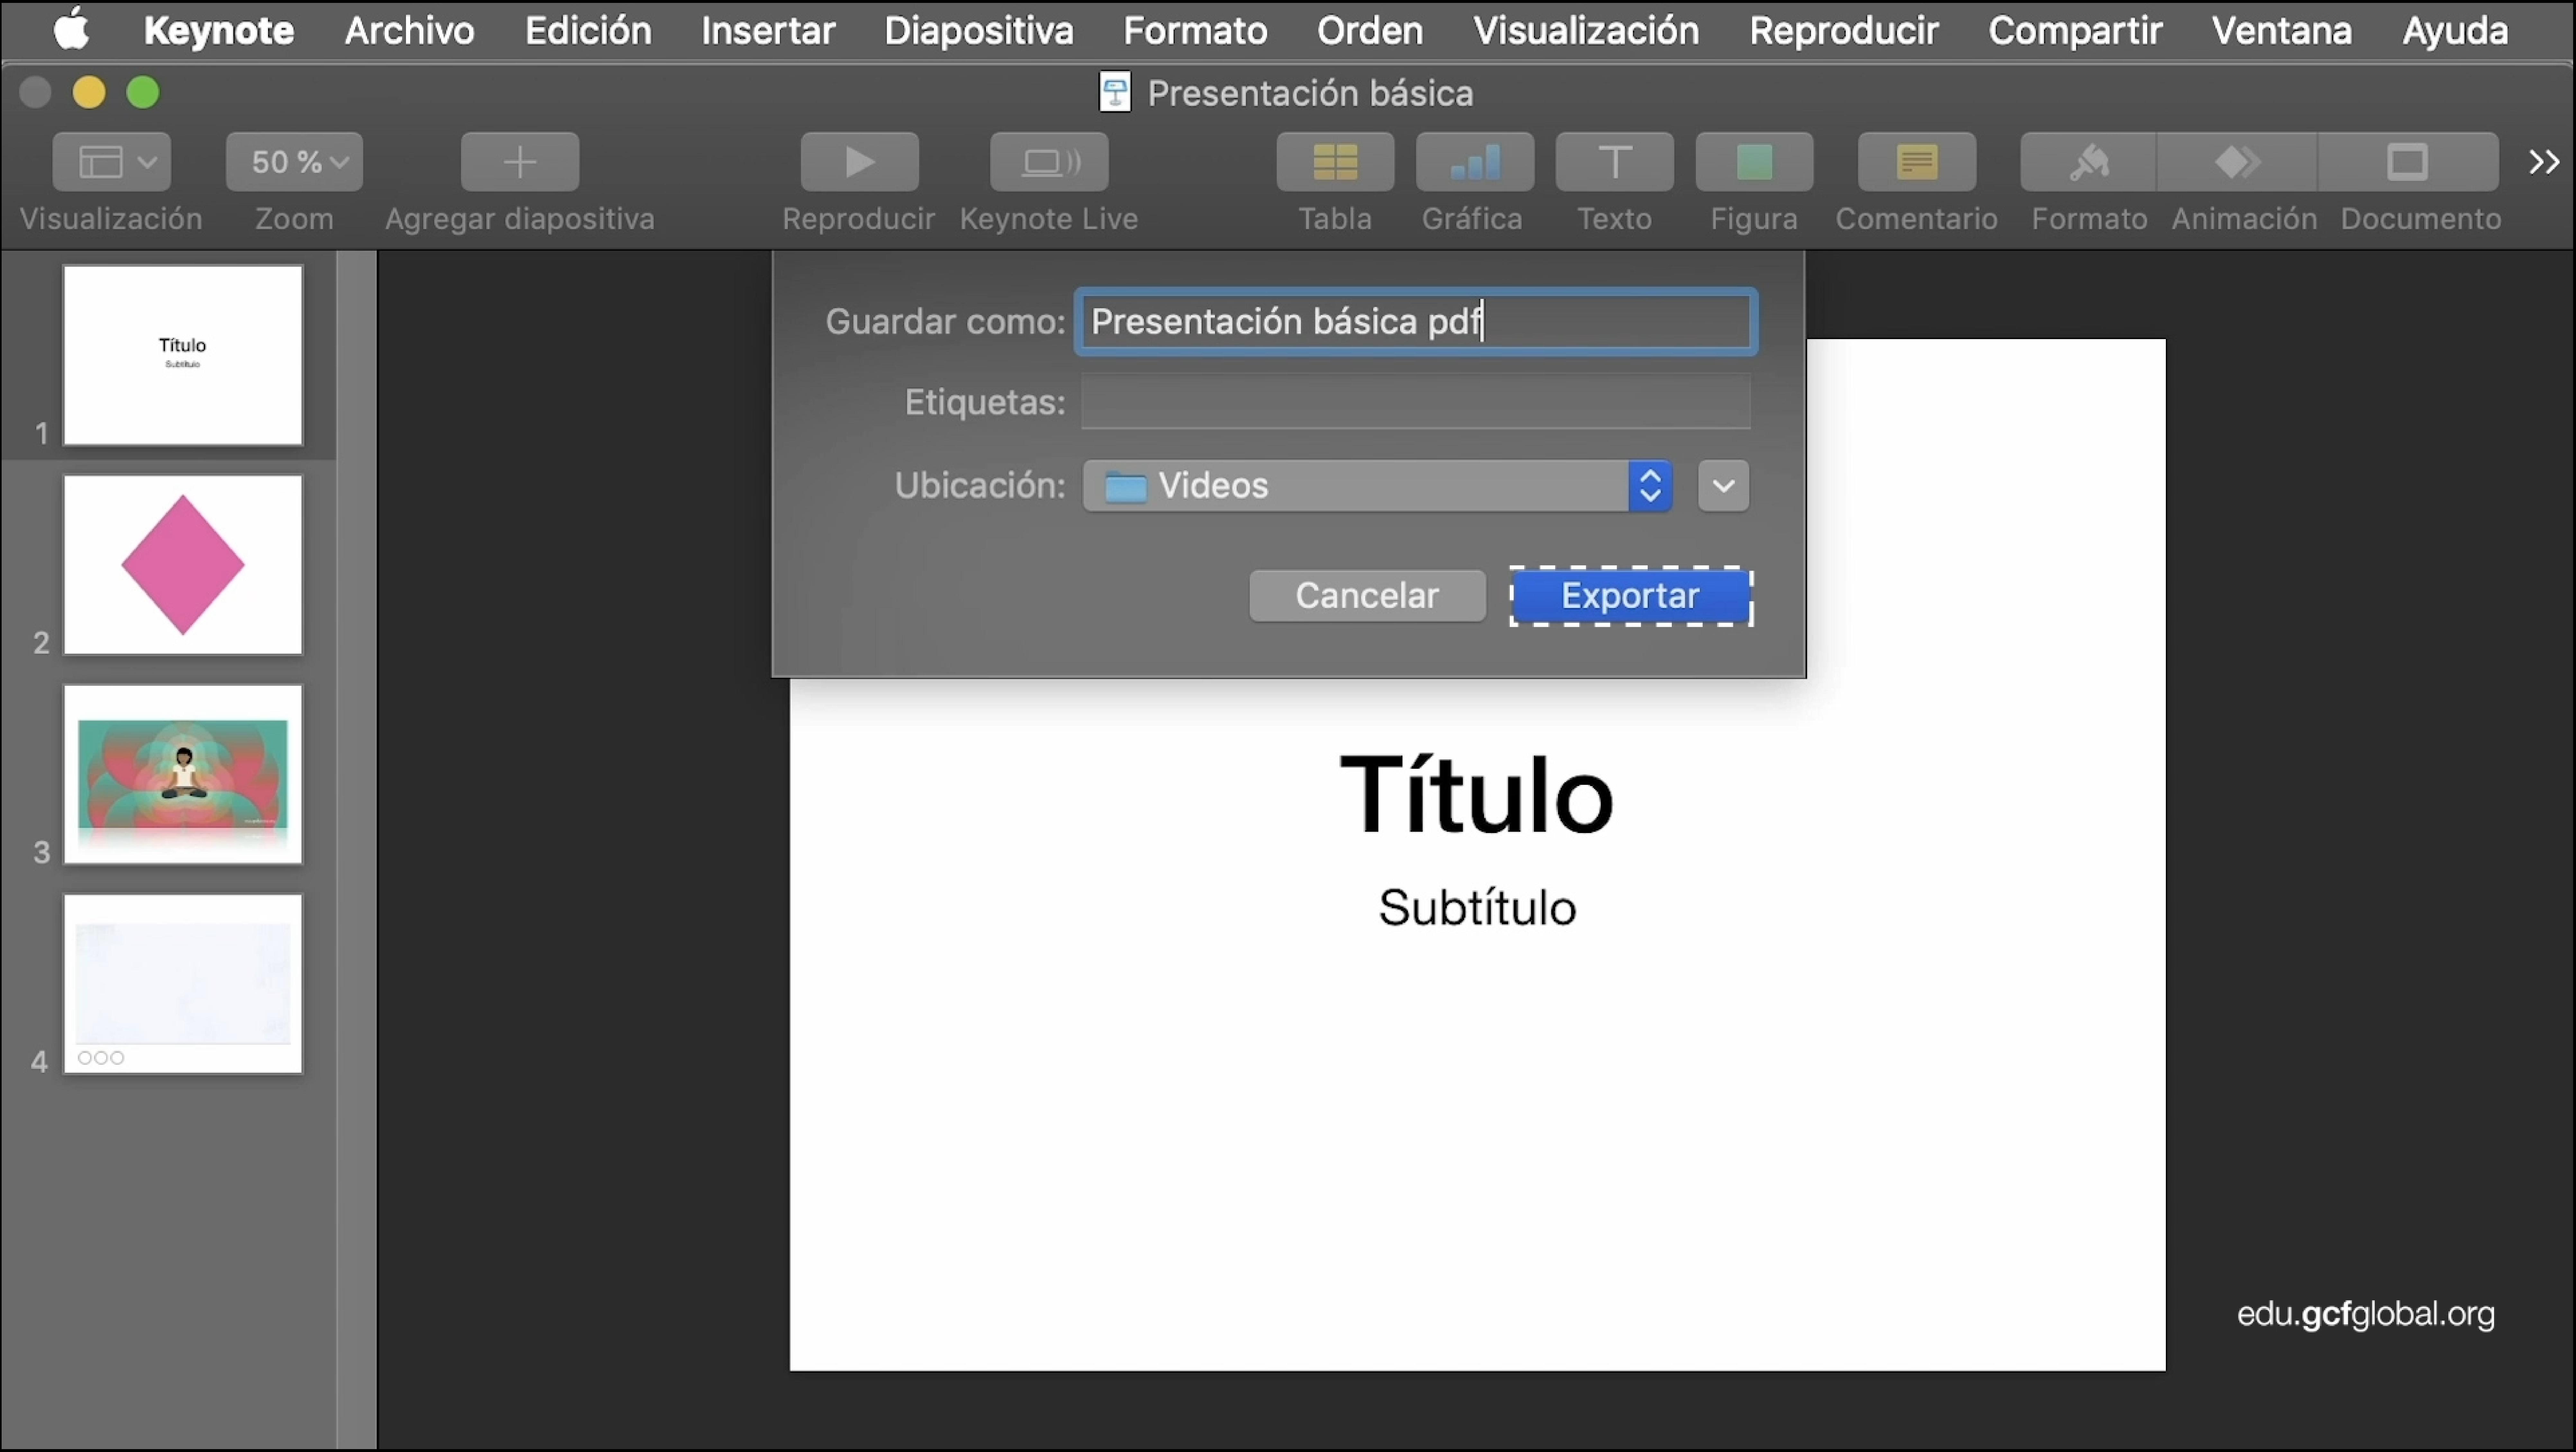 Imagen de Keynote añadiendo Nombre, Etiquetas y Ubicación para la presentación.